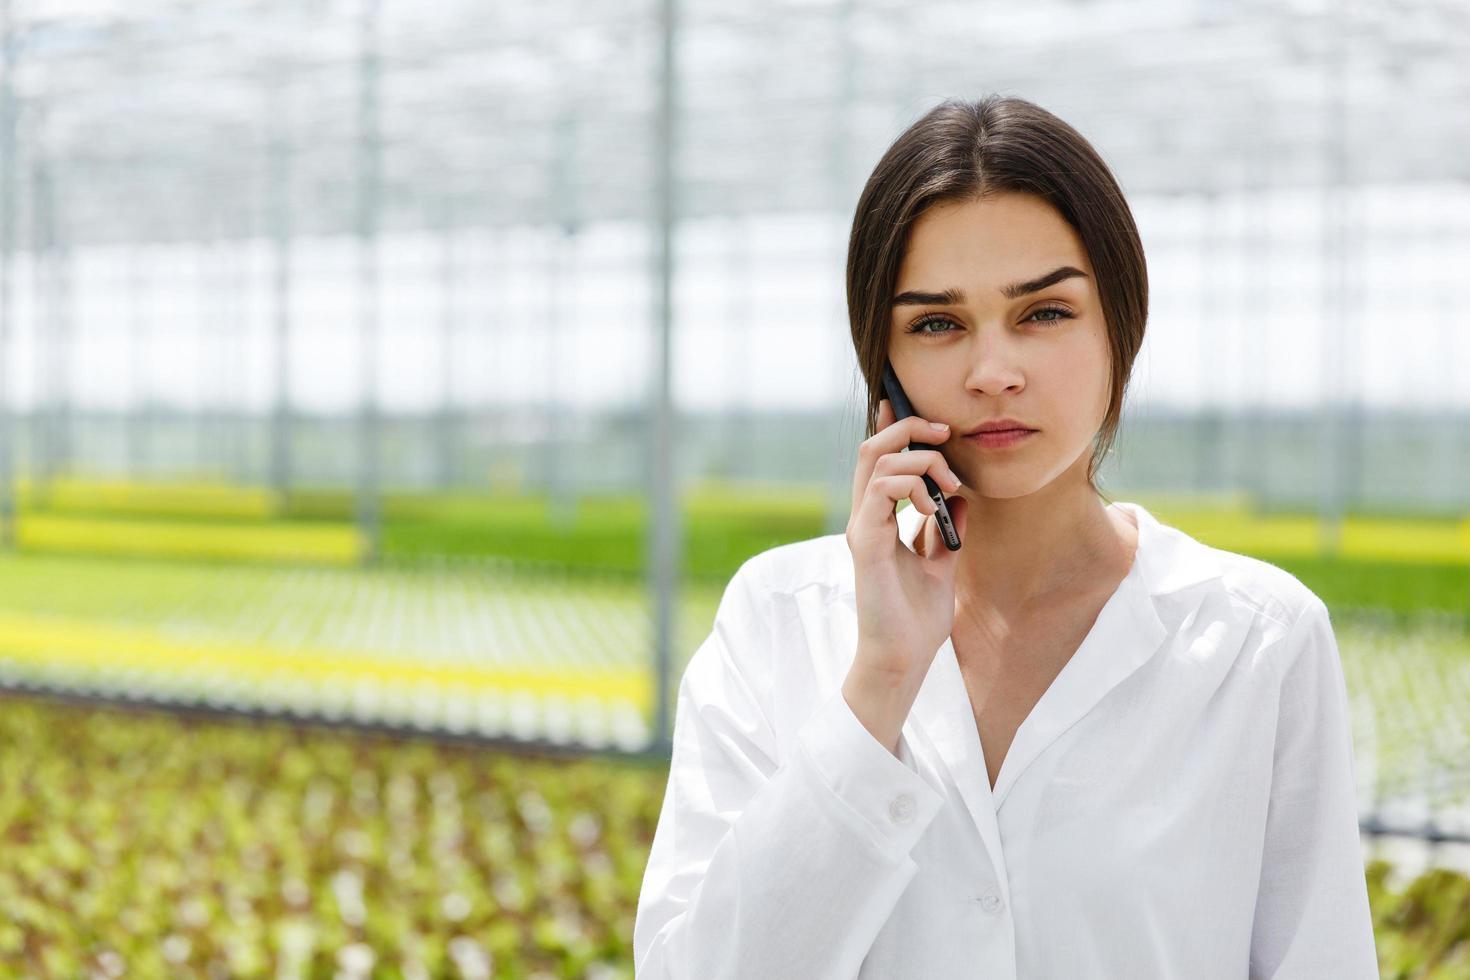 onderzoeker praat aan de telefoon terwijl hij door een kas loopt foto